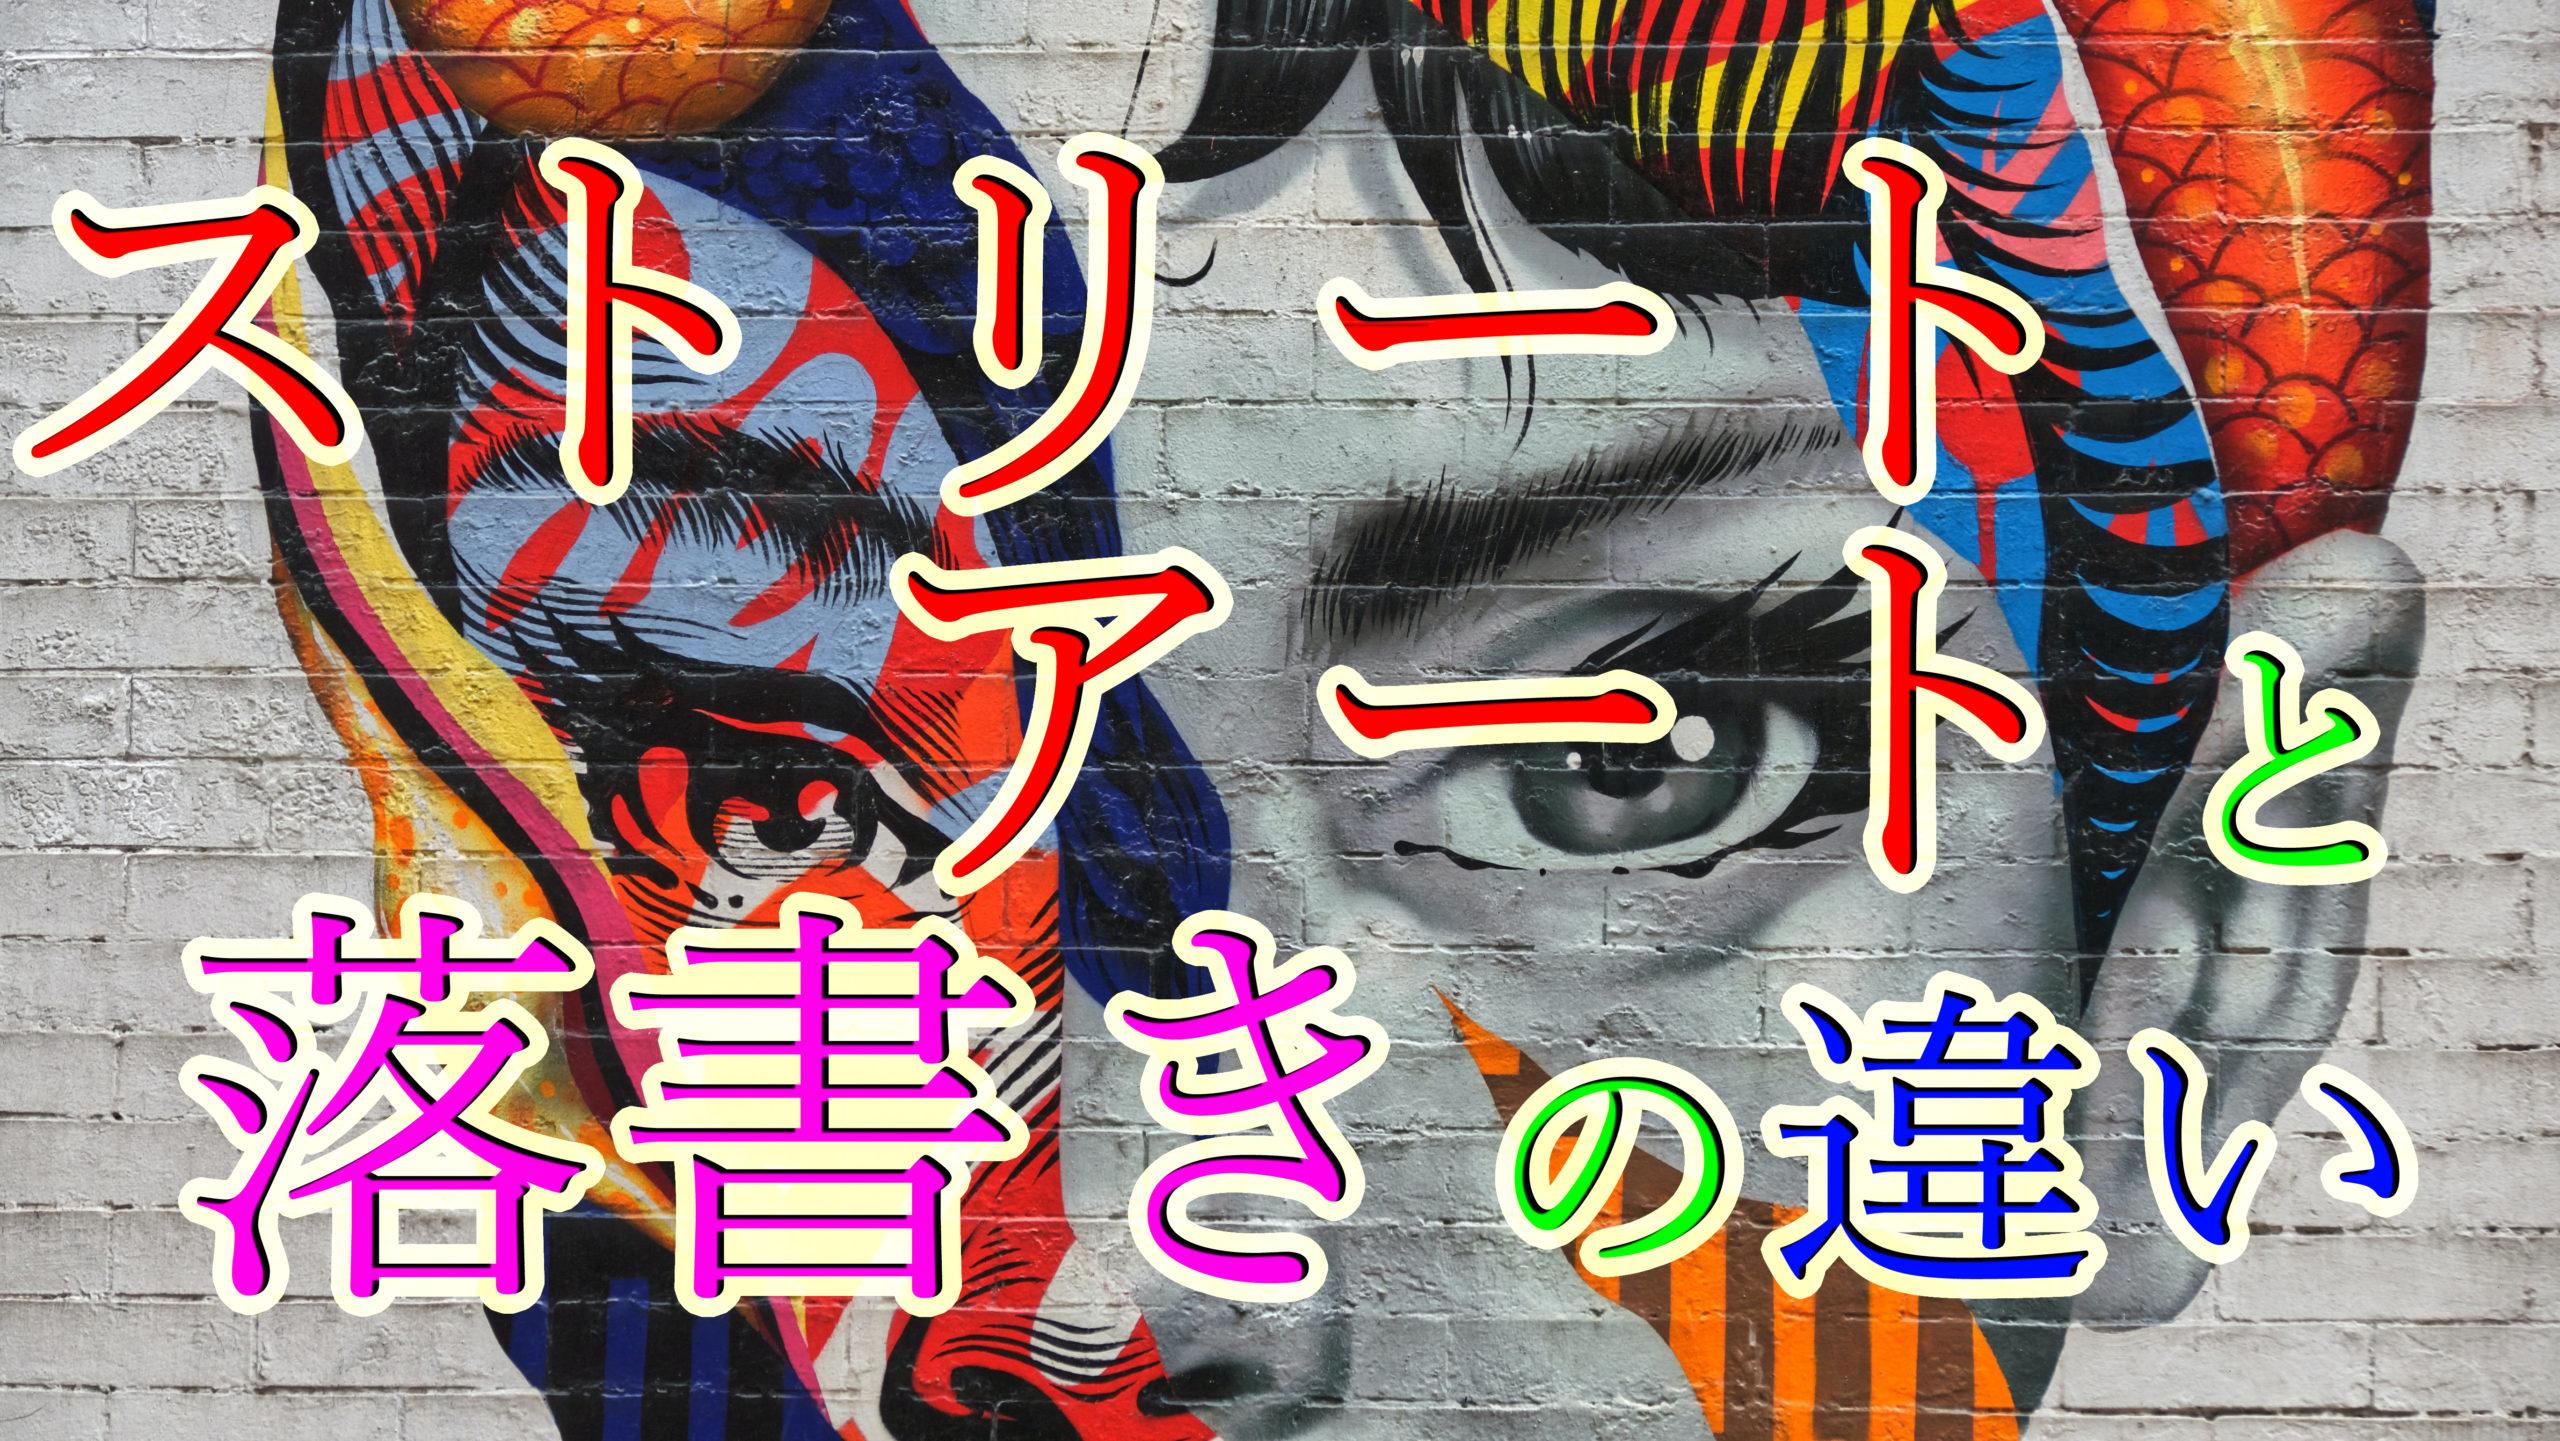 ストリートアートと落書きの違い【バンクシーが社会に与える影響】